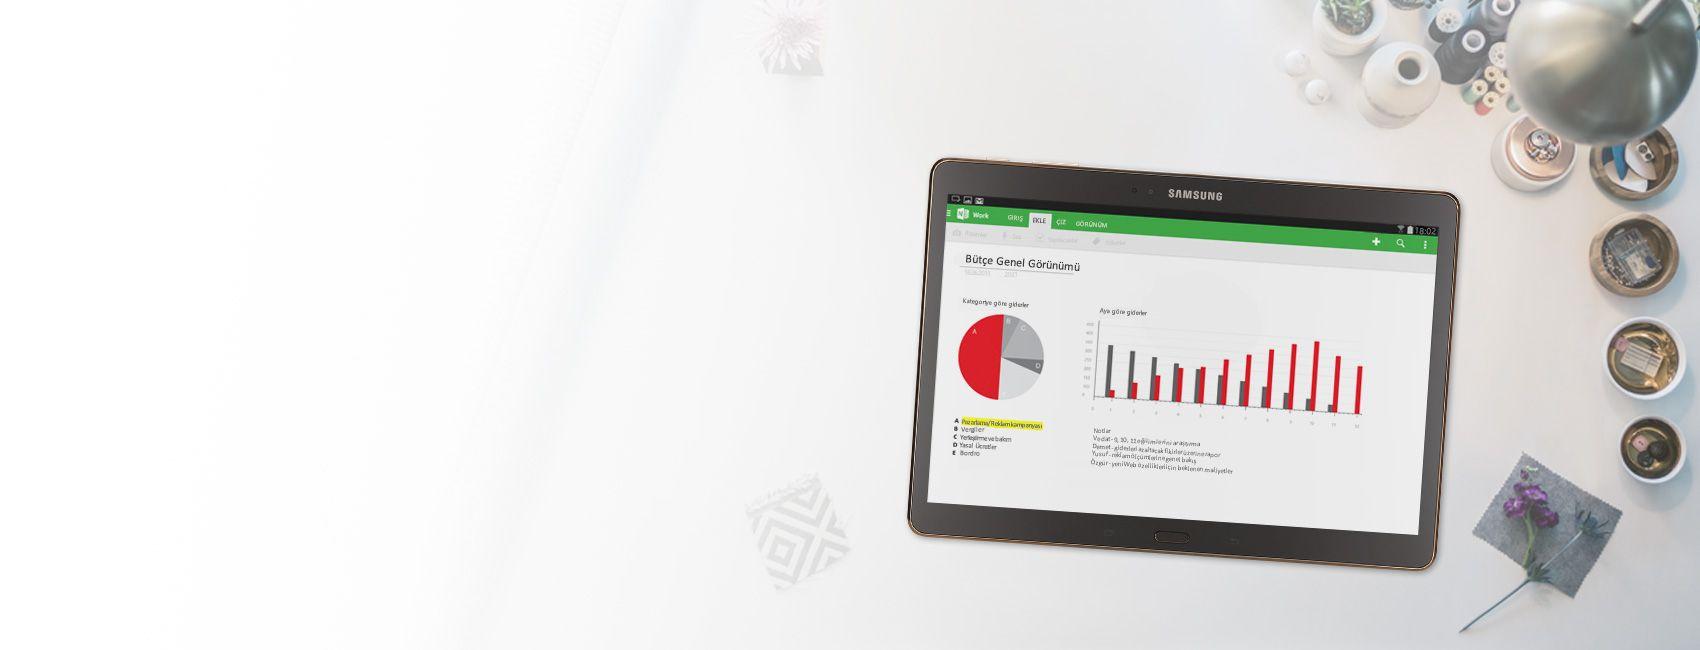 Bütçe genel bakış çizelge ve grafikleri bulunan bir OneNote not defteri görüntülenen tablet